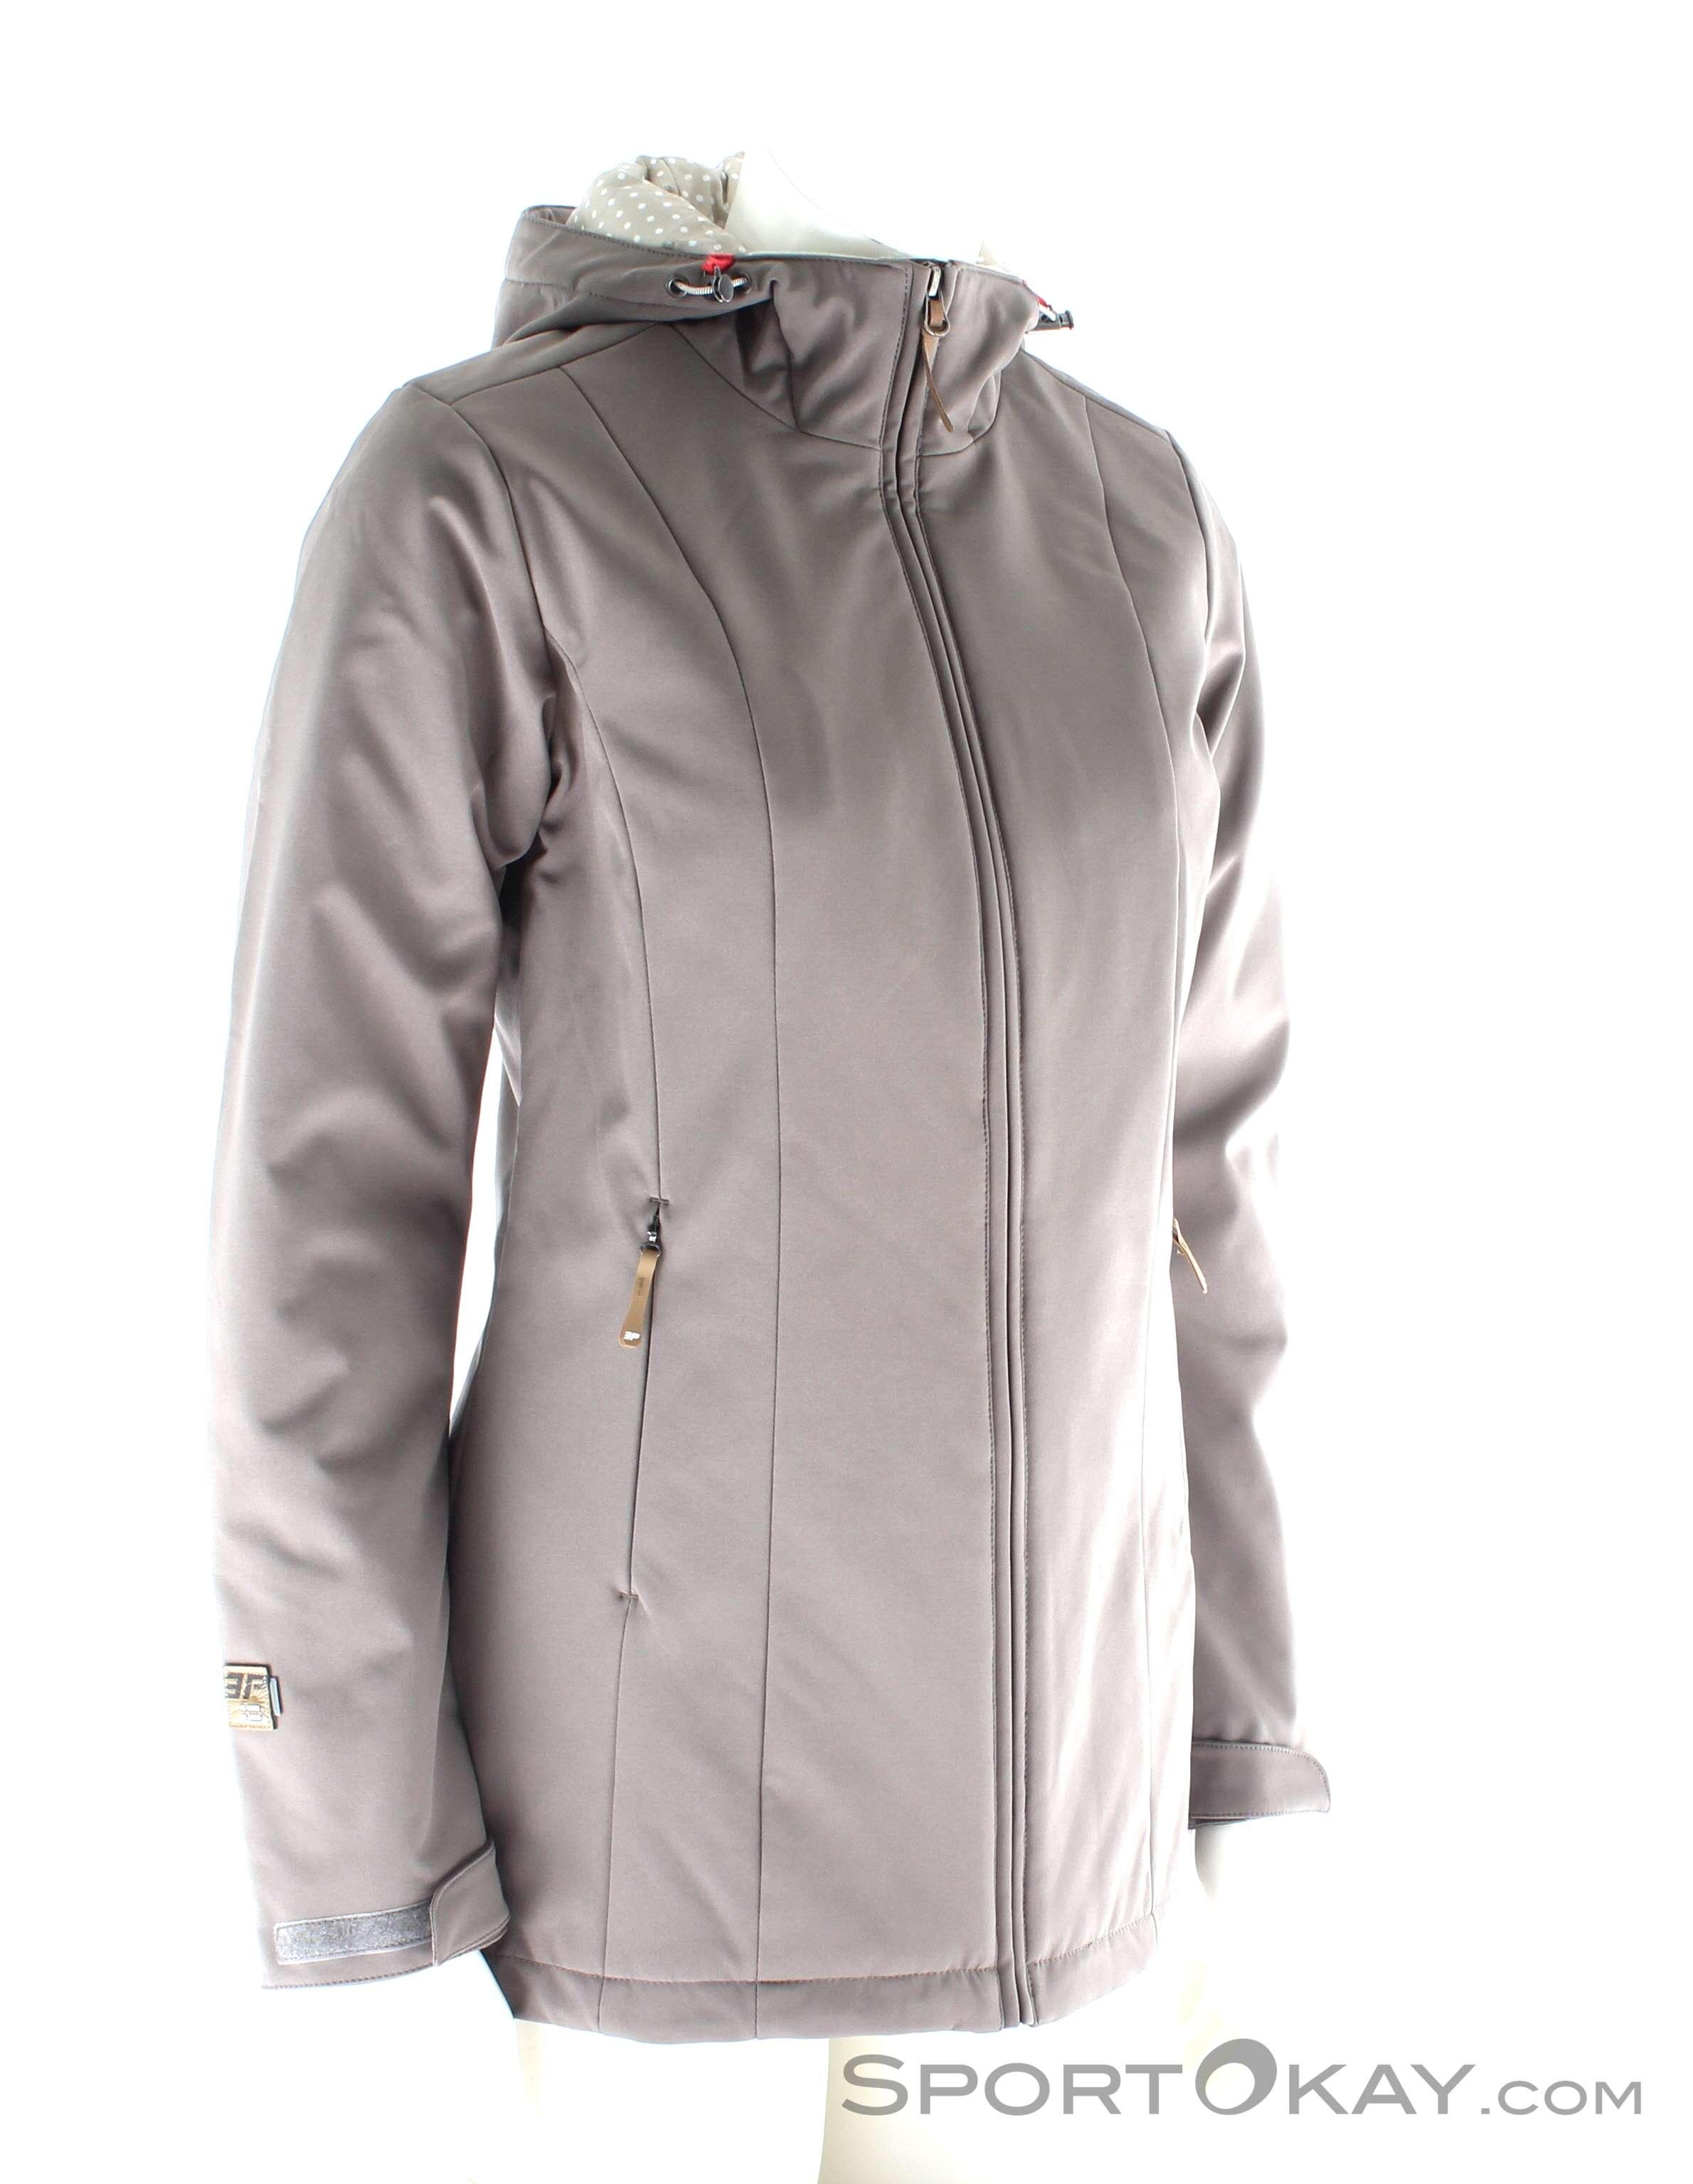 Icepeak Teri Jacket Damen Outdoorjacke, Icepeak, Braun, , Damen, 0041-10184, 5637506332, 6438370014428, N1-01.jpg